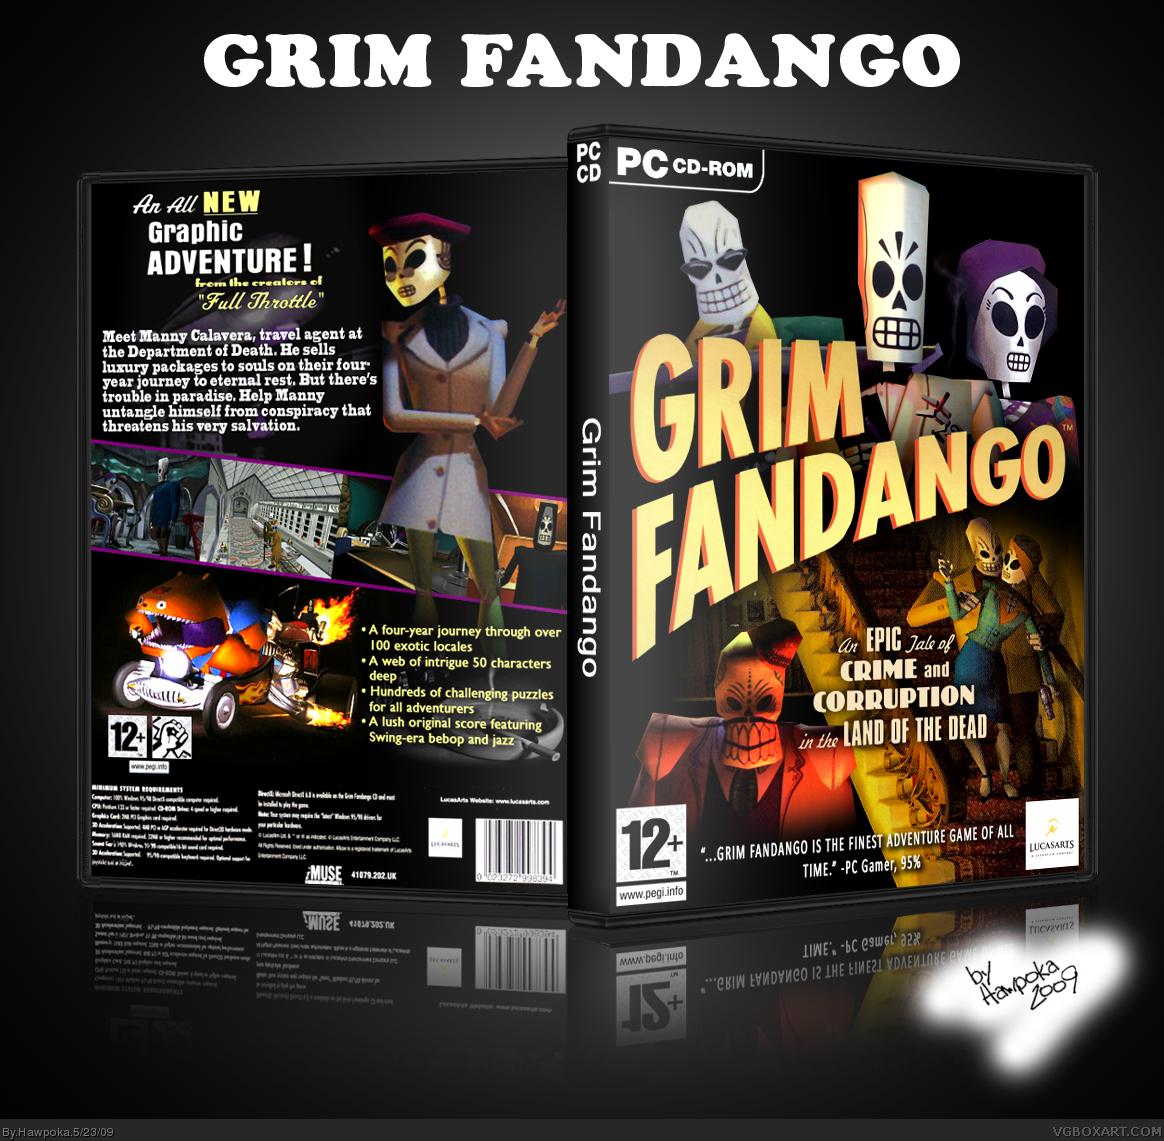 Grim Fandango Box Cover Comments